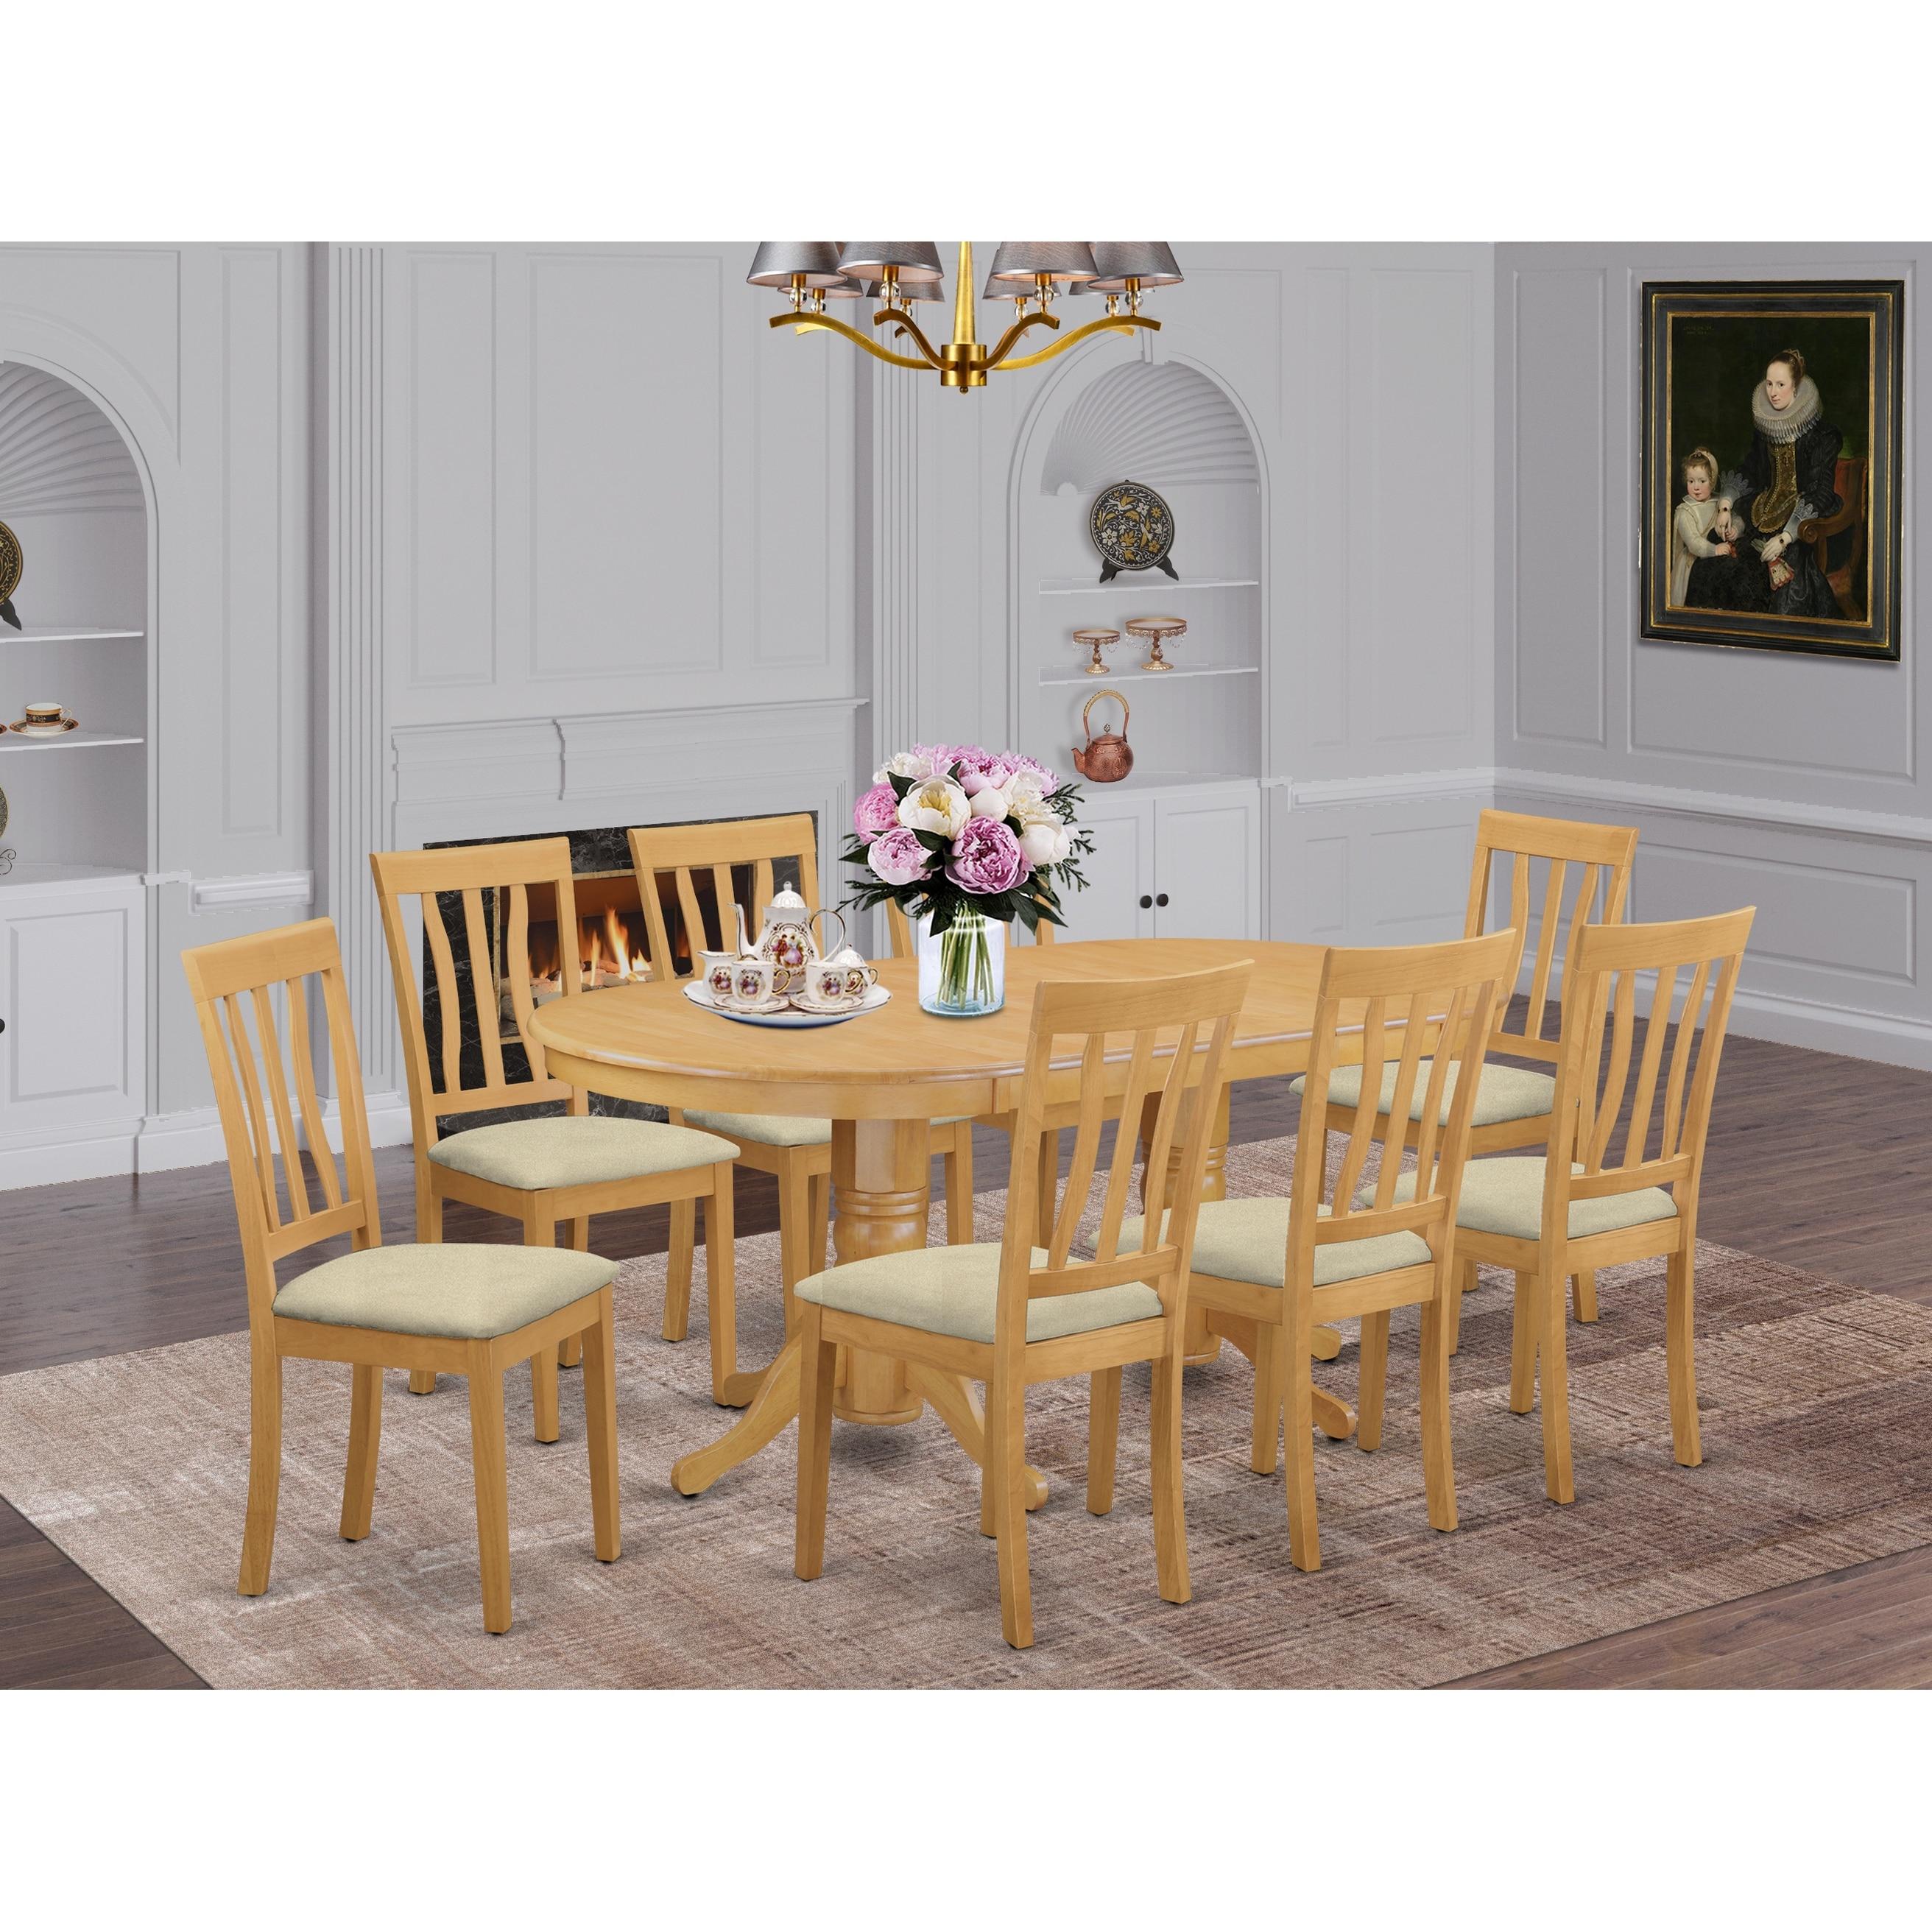 Vaan9 Oak 9 Piece Dining Table Set Kitchen Dinette Table And 8 Kitchen Dining Chairs Oak Overstock 14366647 Microfiber